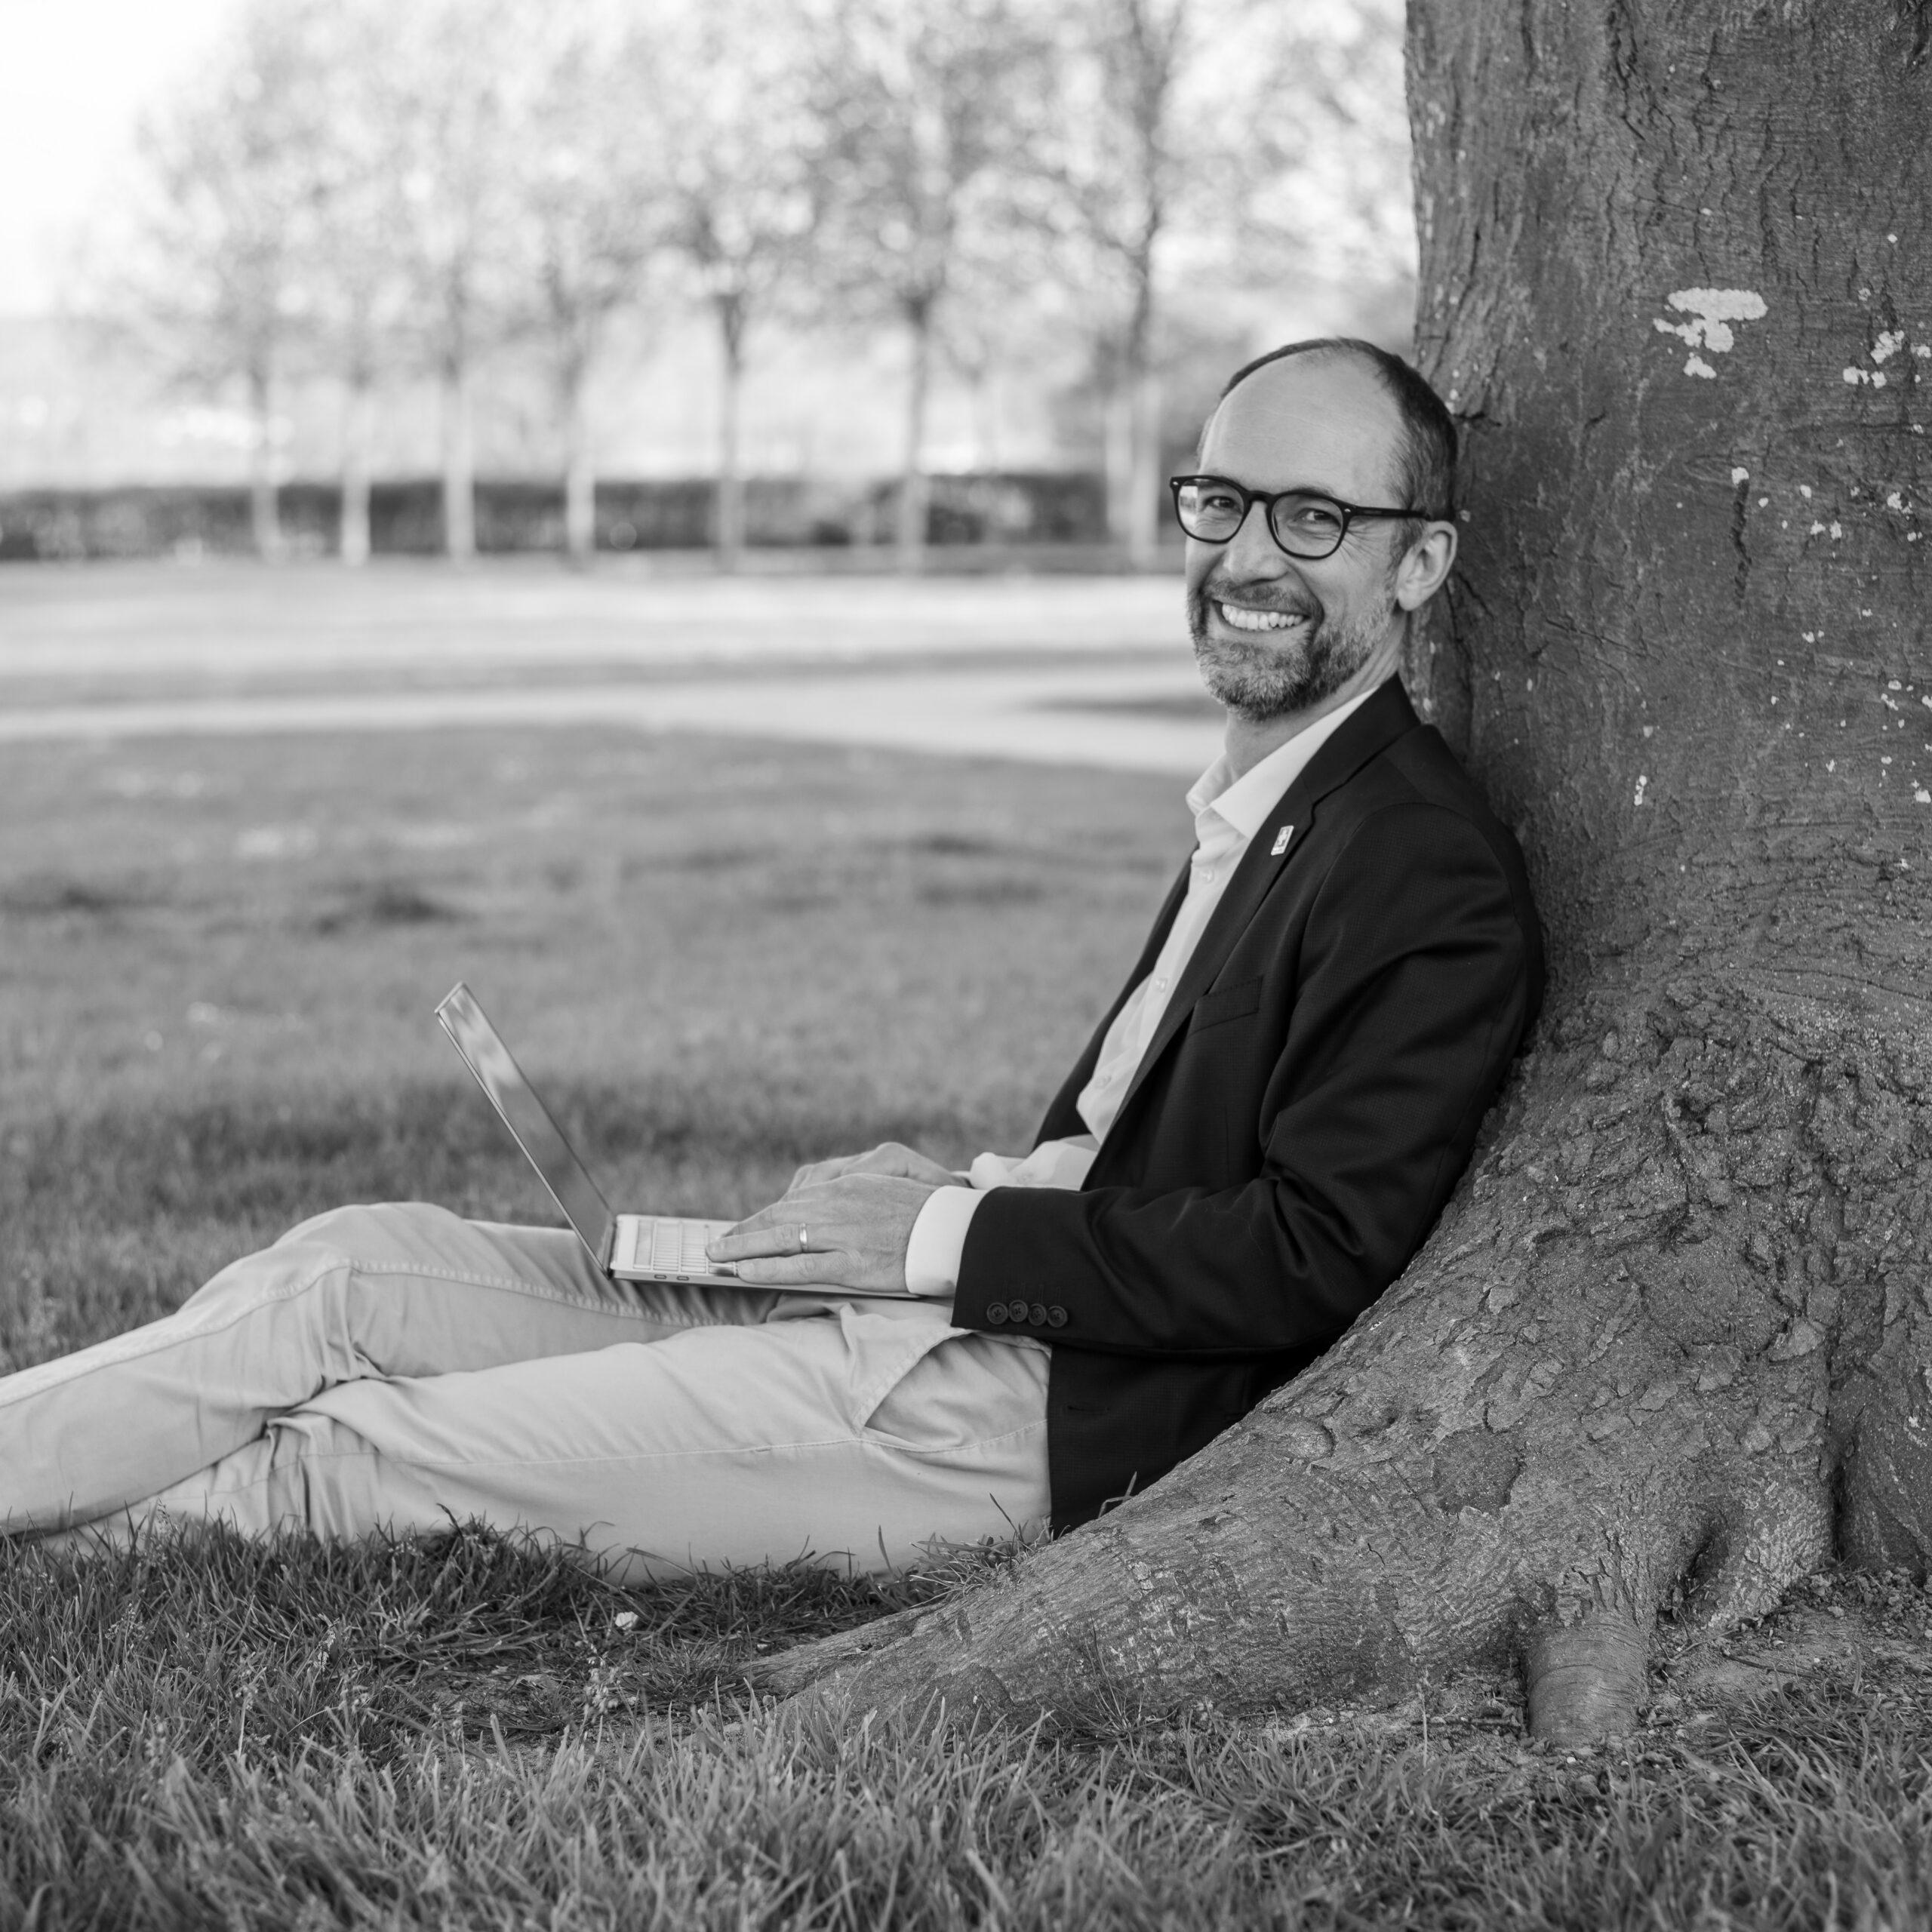 Foto von Sebastian Hueber mit Laptop an einen Baum gelehnt